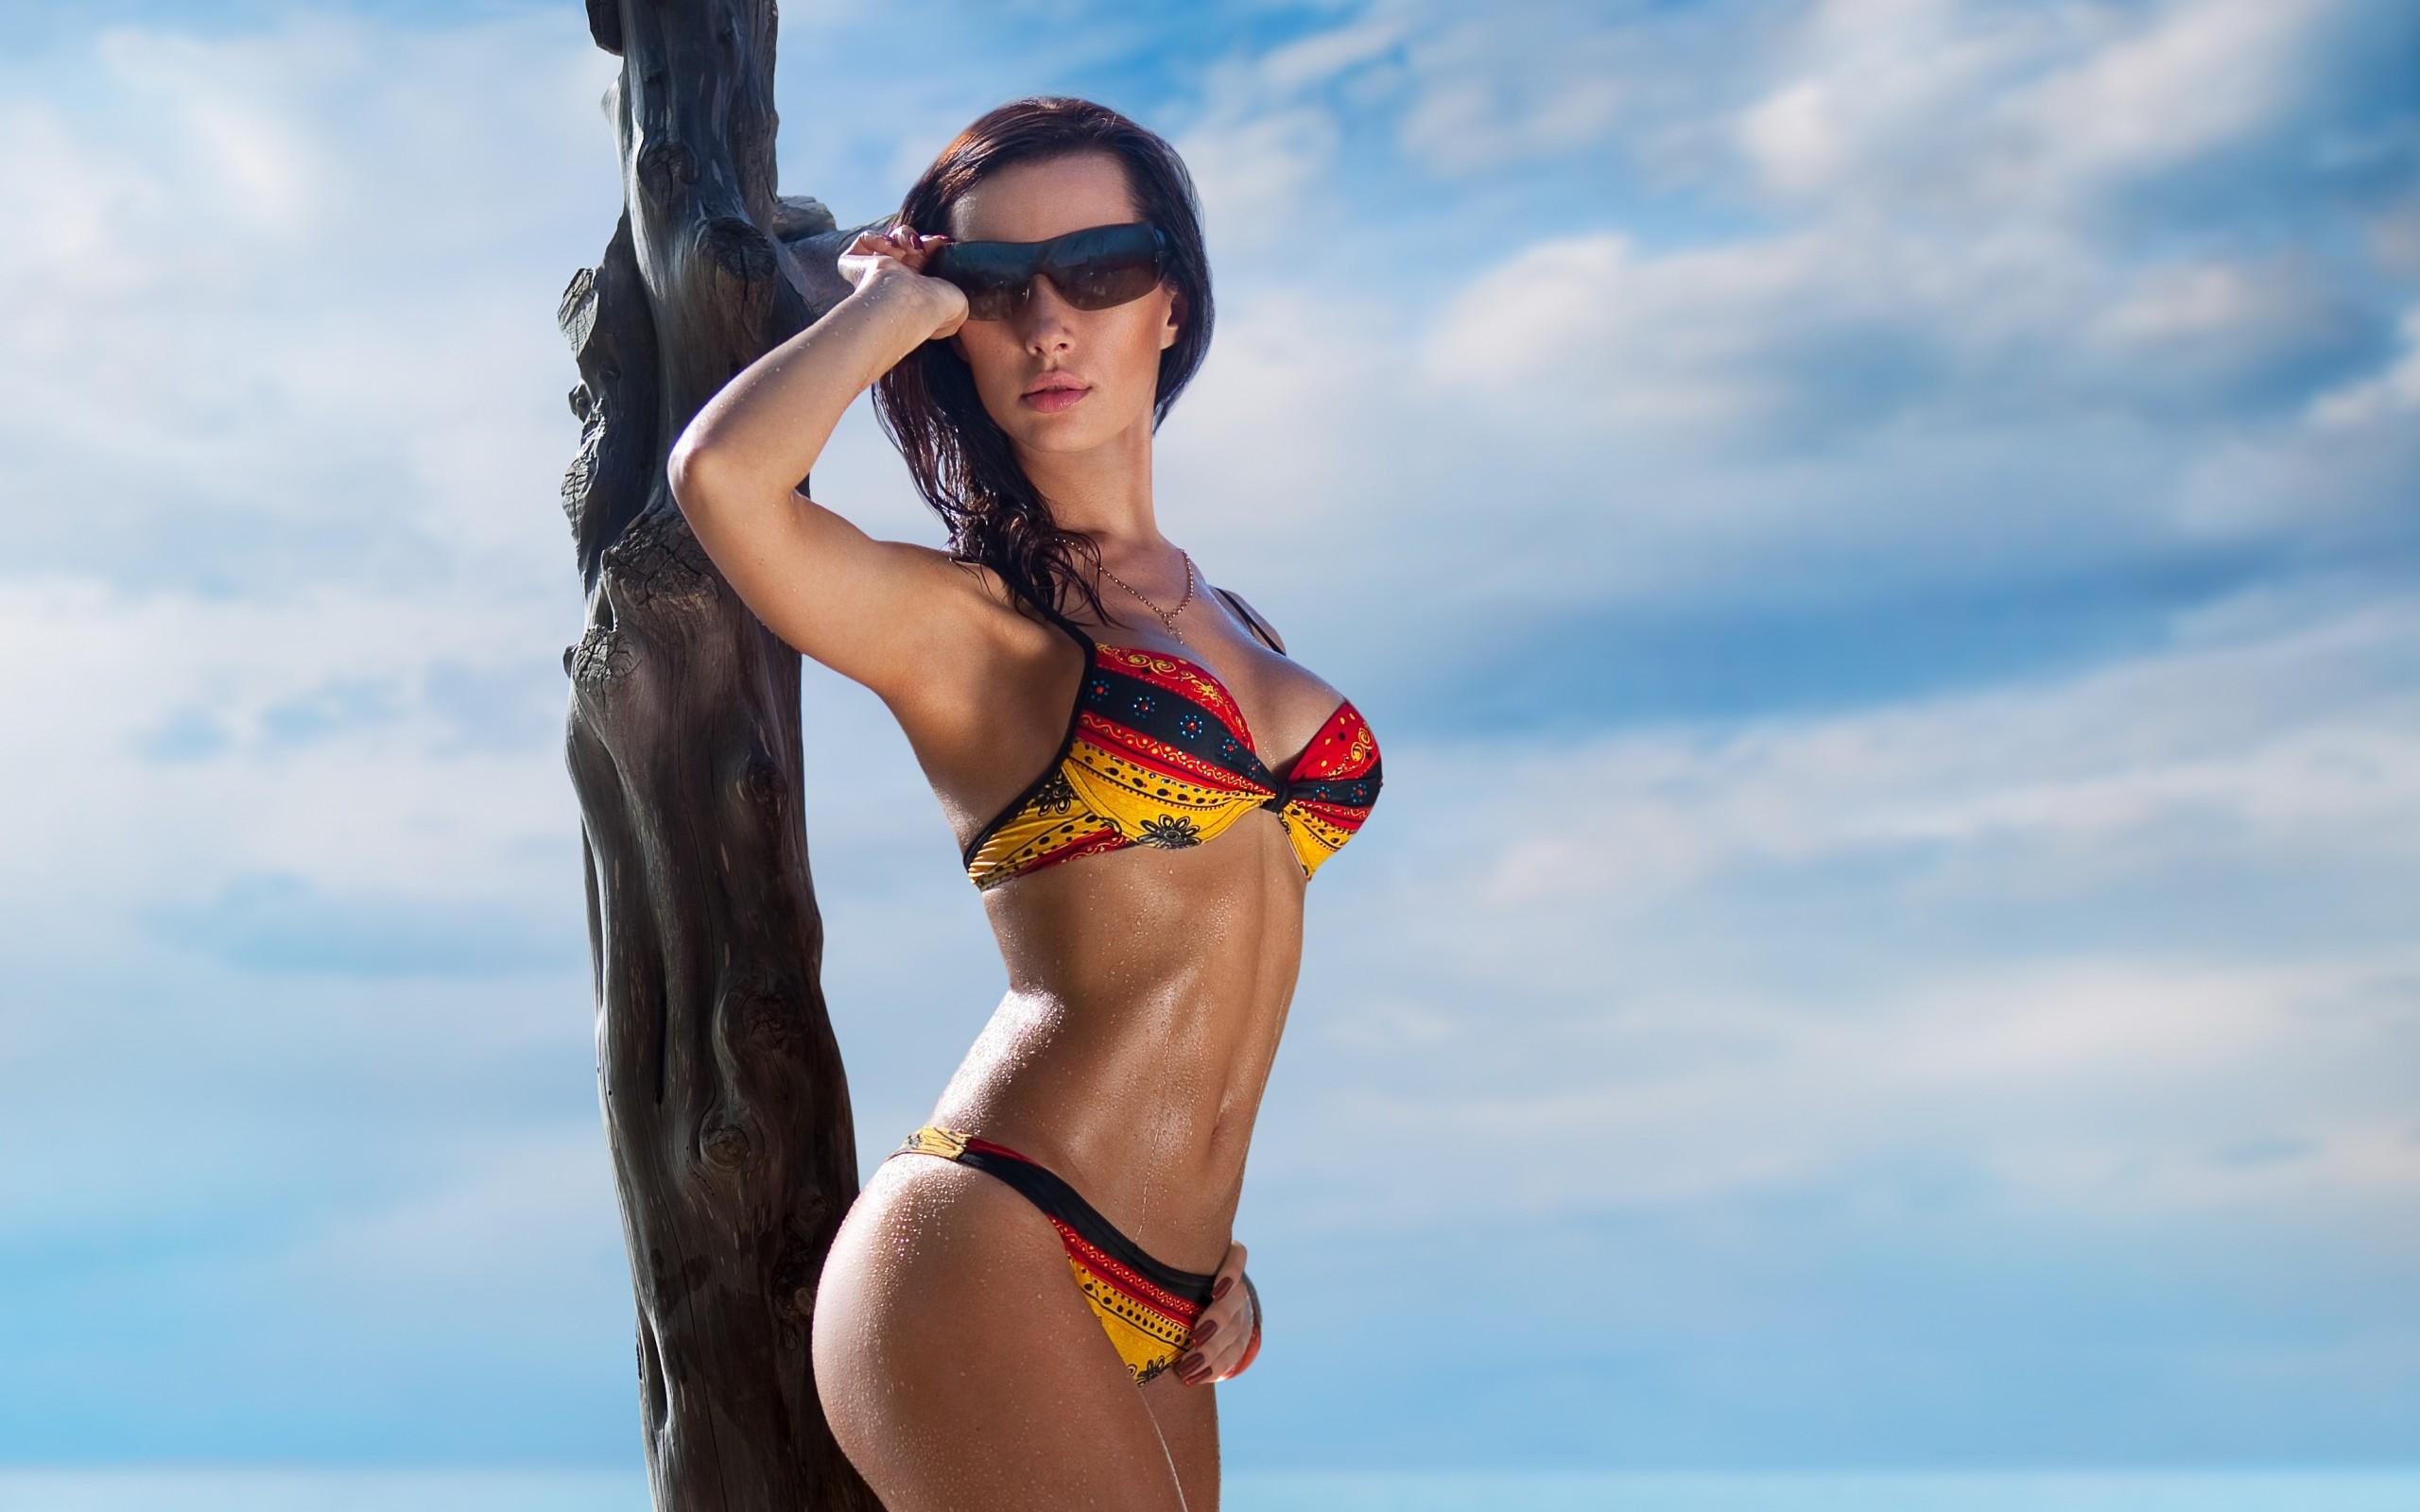 Девушка пляж купальник очки без смс